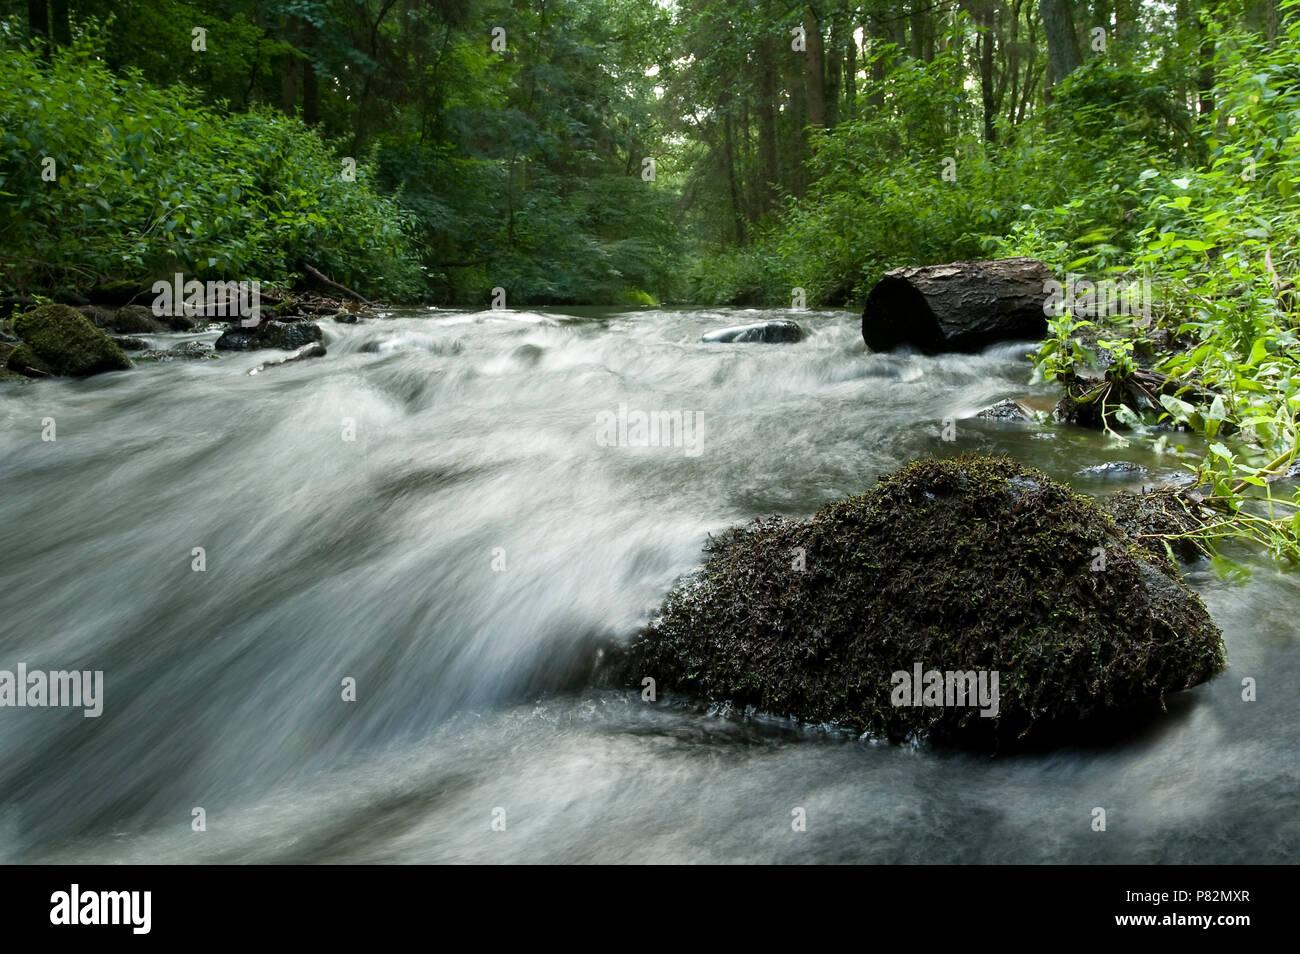 Snelstromende beek in het Bentheimer Wald; Fast flowing stream in Bentheimer Wald - Stock Image